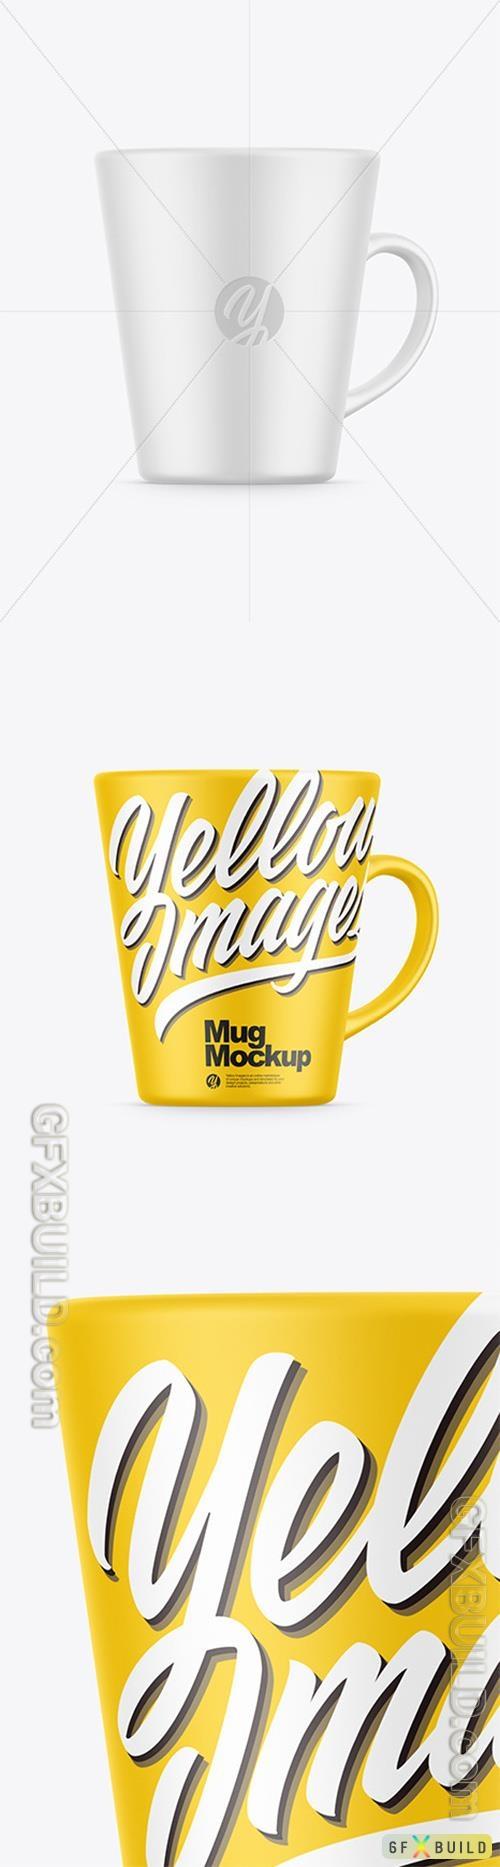 Coffee Cup Mockup 89349